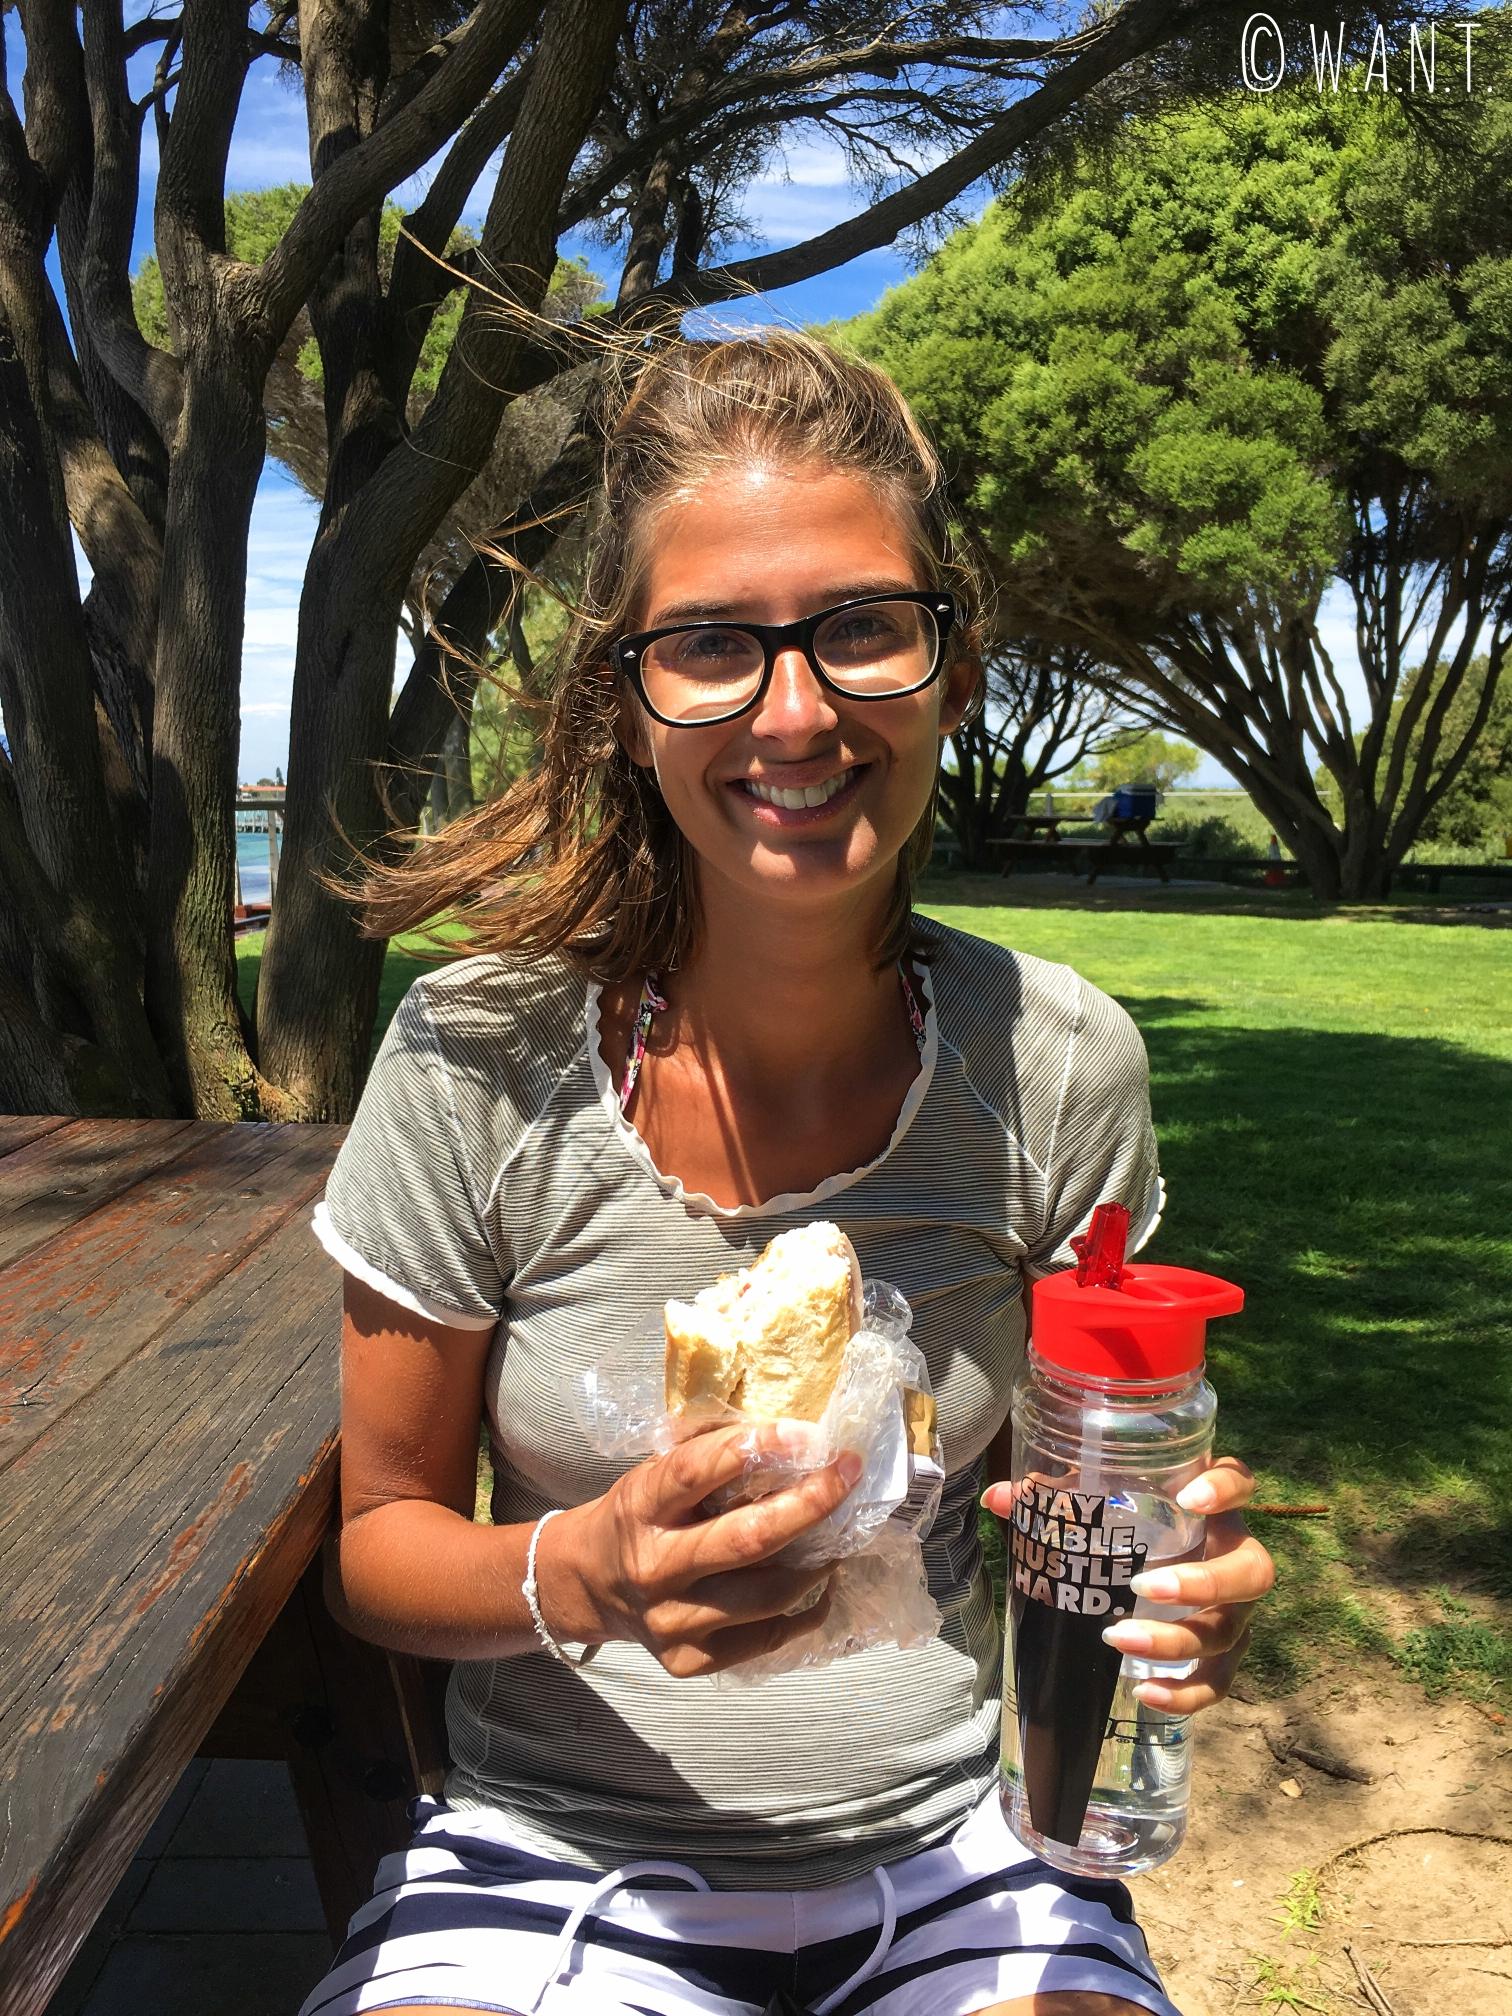 Marion protège son sandwich des mouettes sur Penguin Island